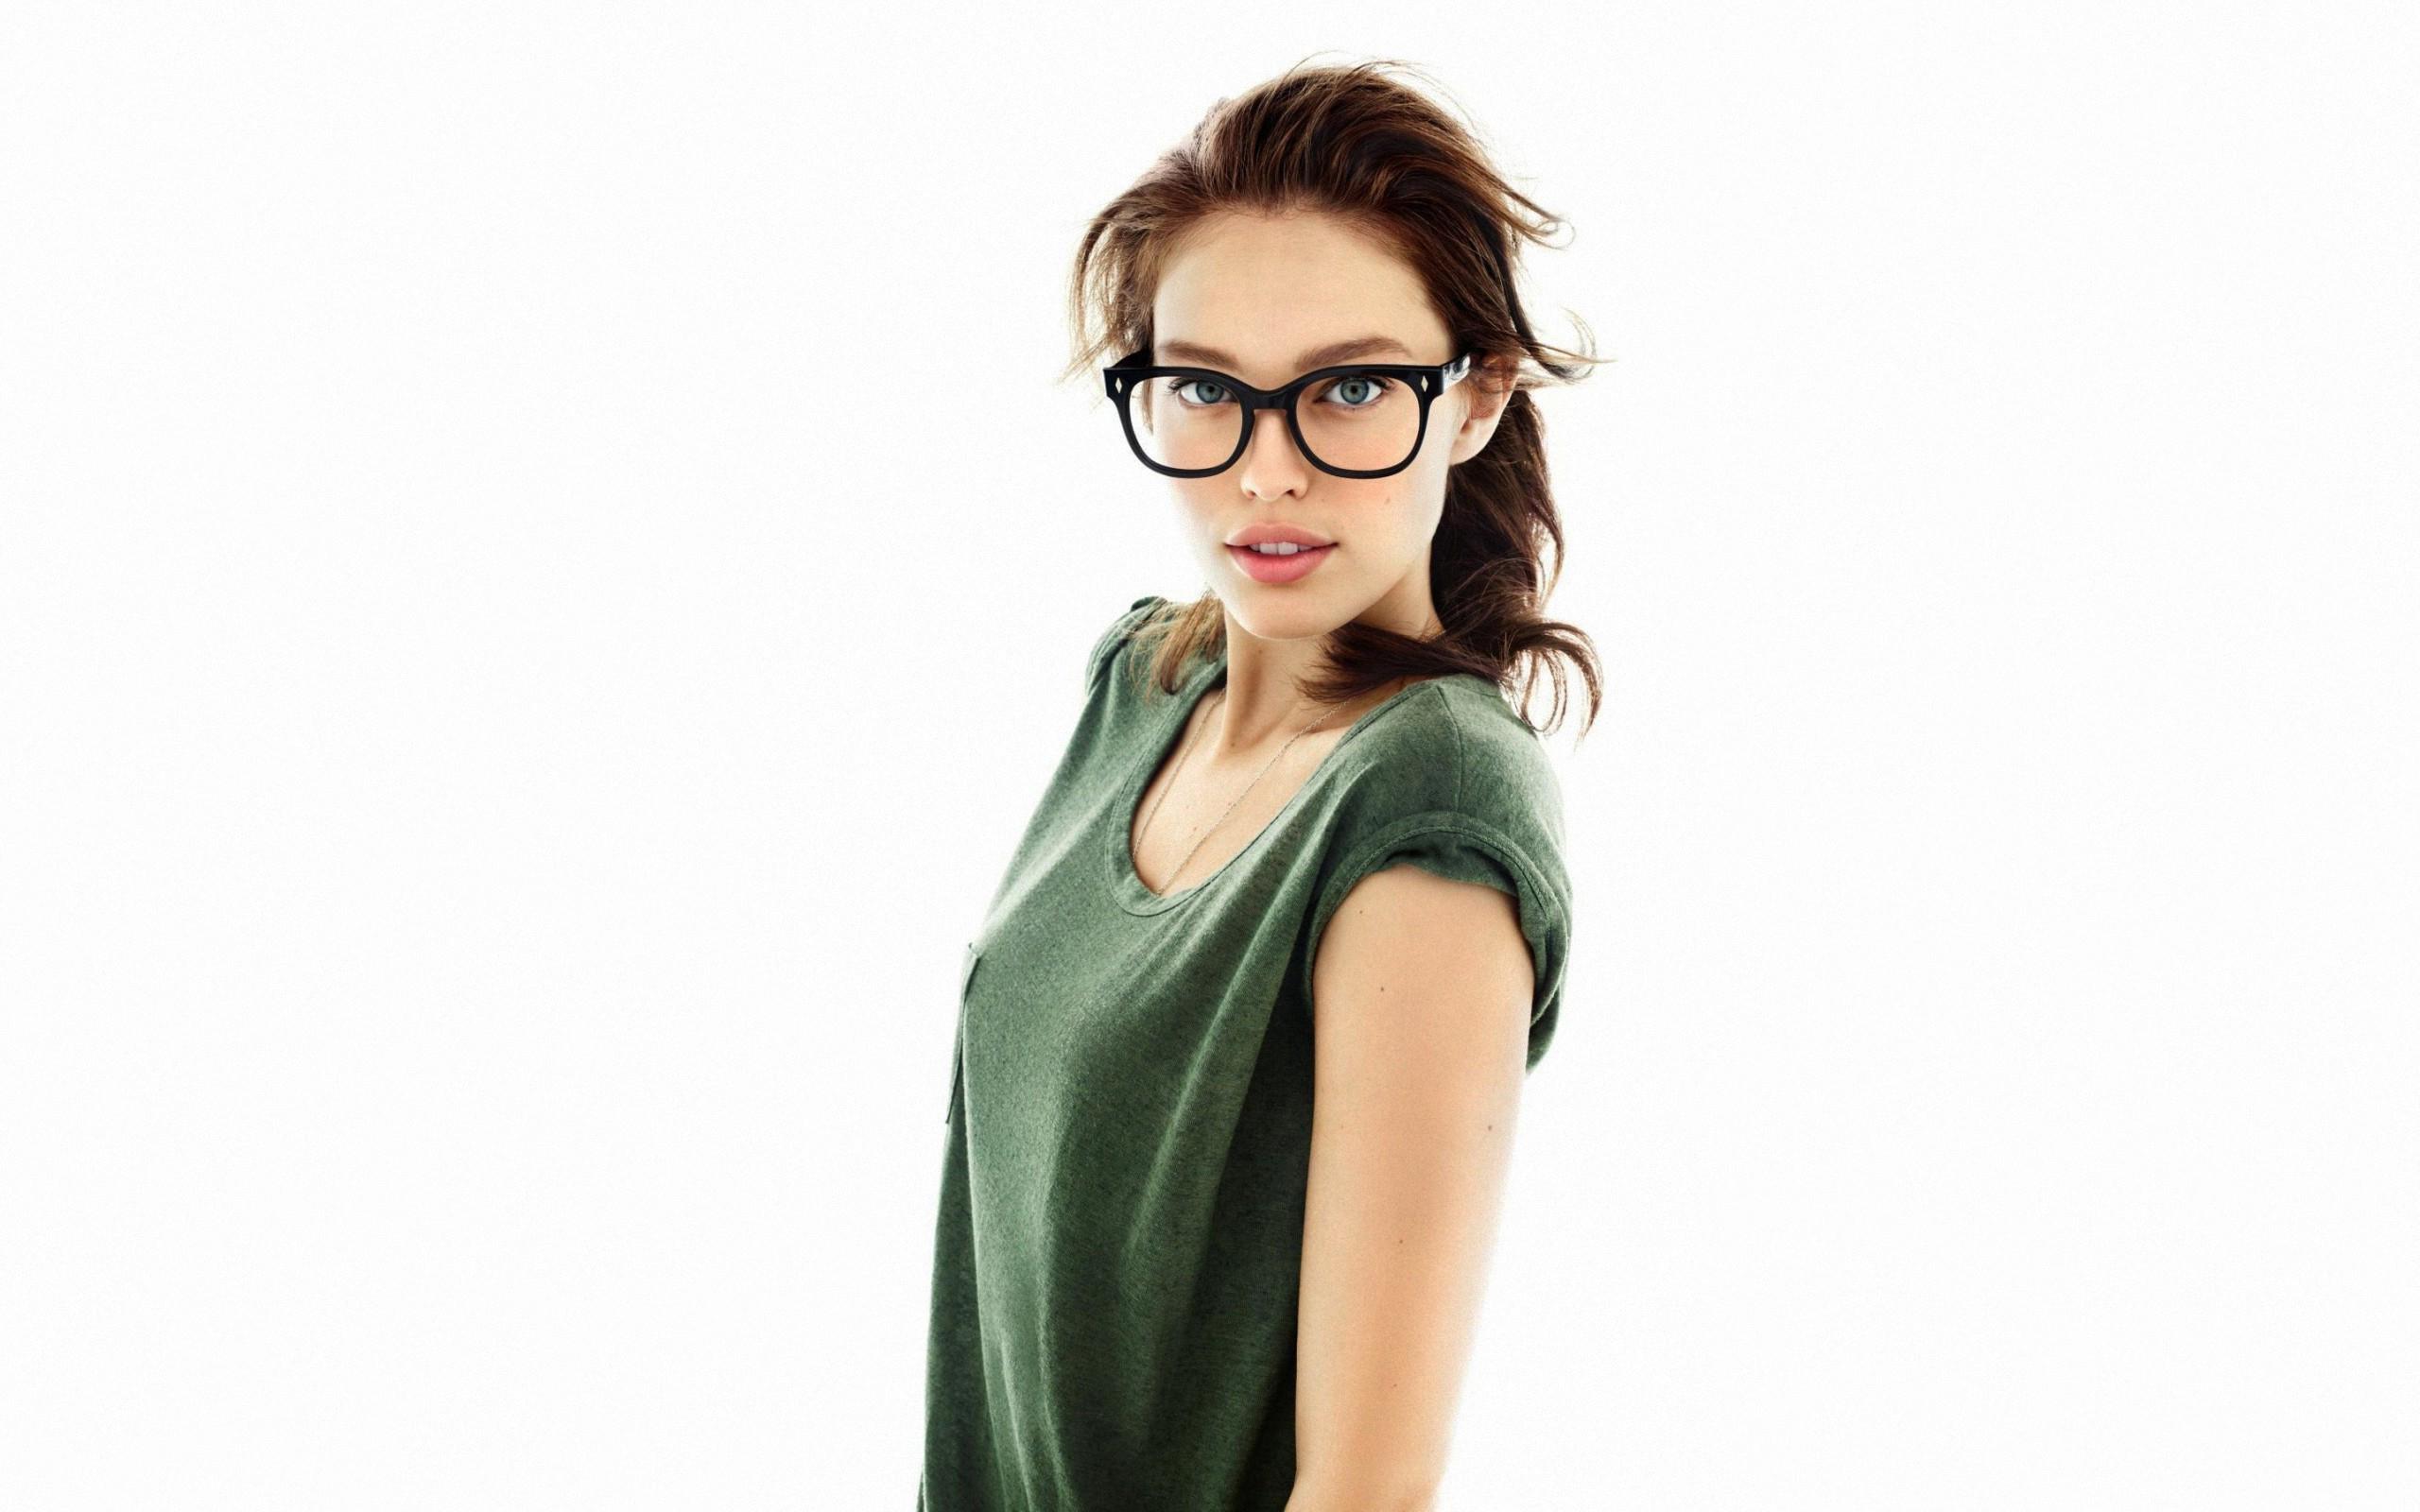 девушка планшет очки бесплатно